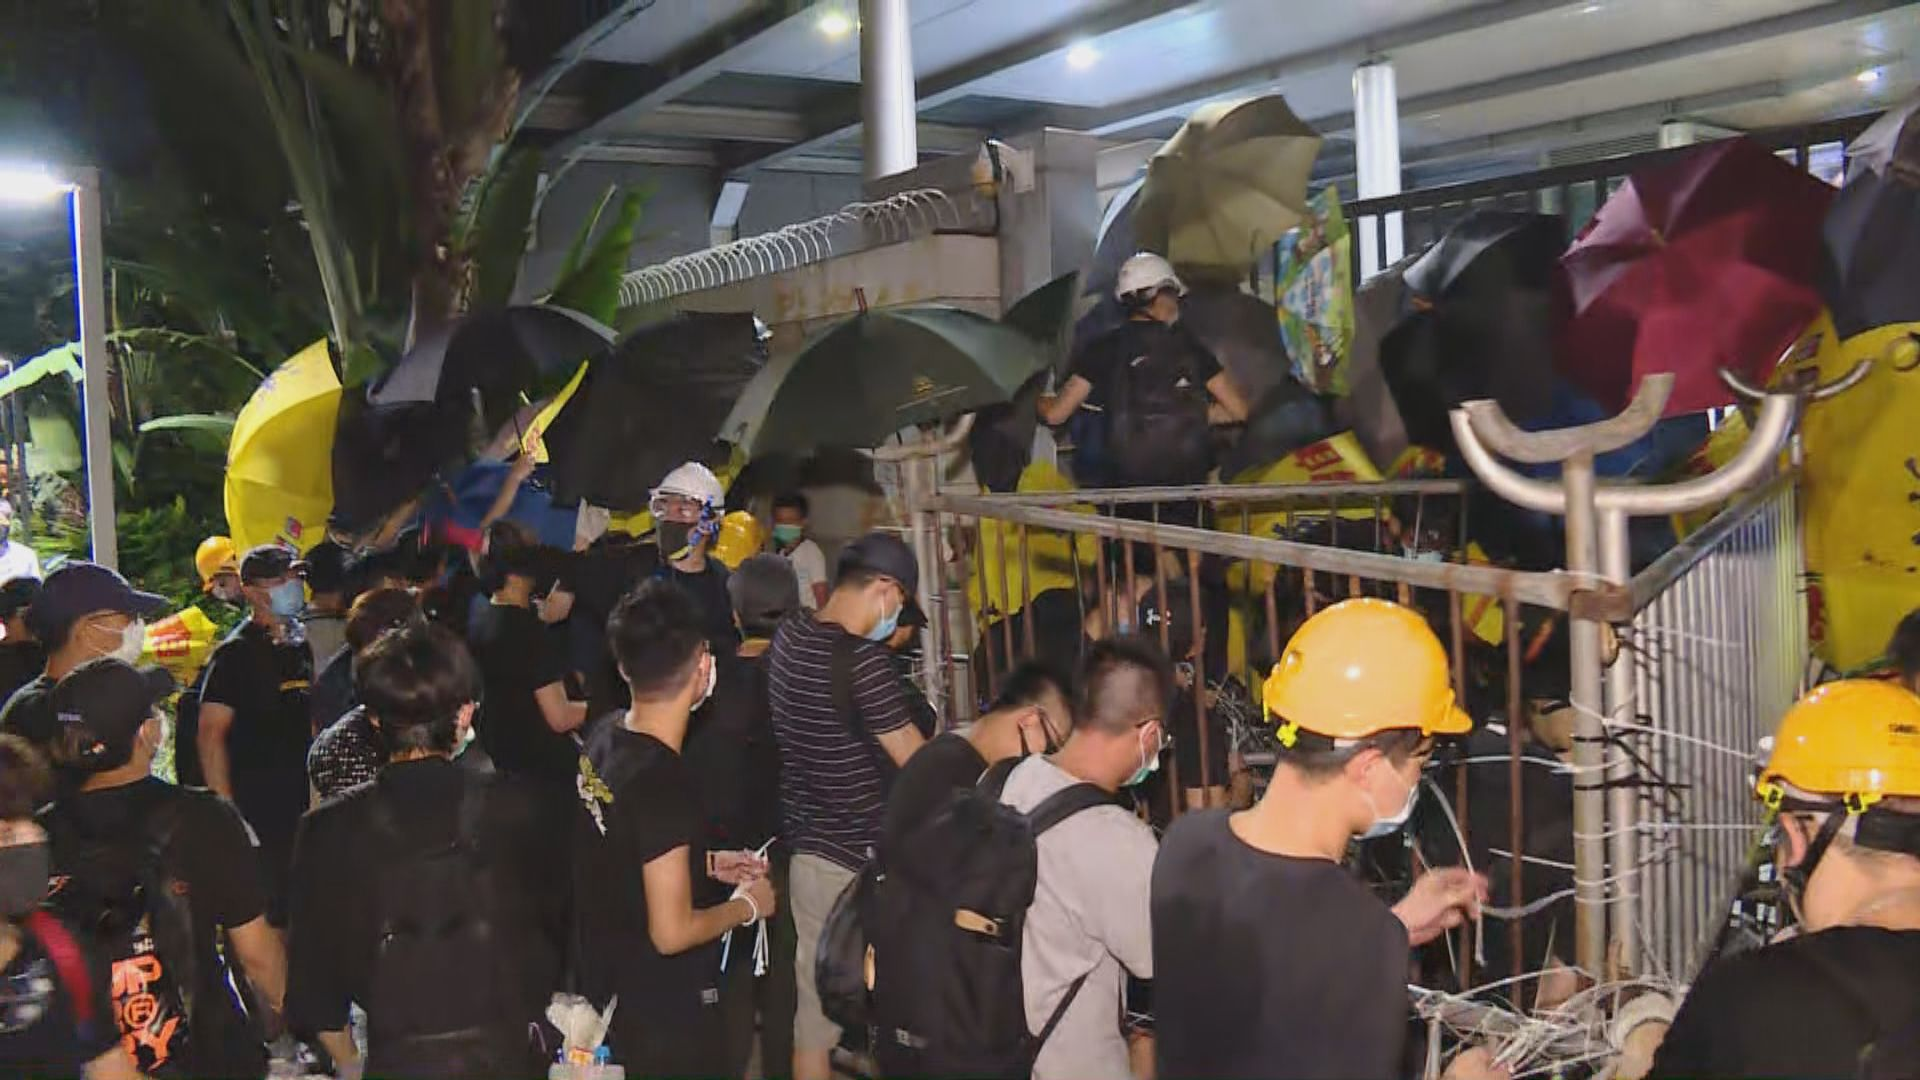 警方凌晨清場驅散示威者